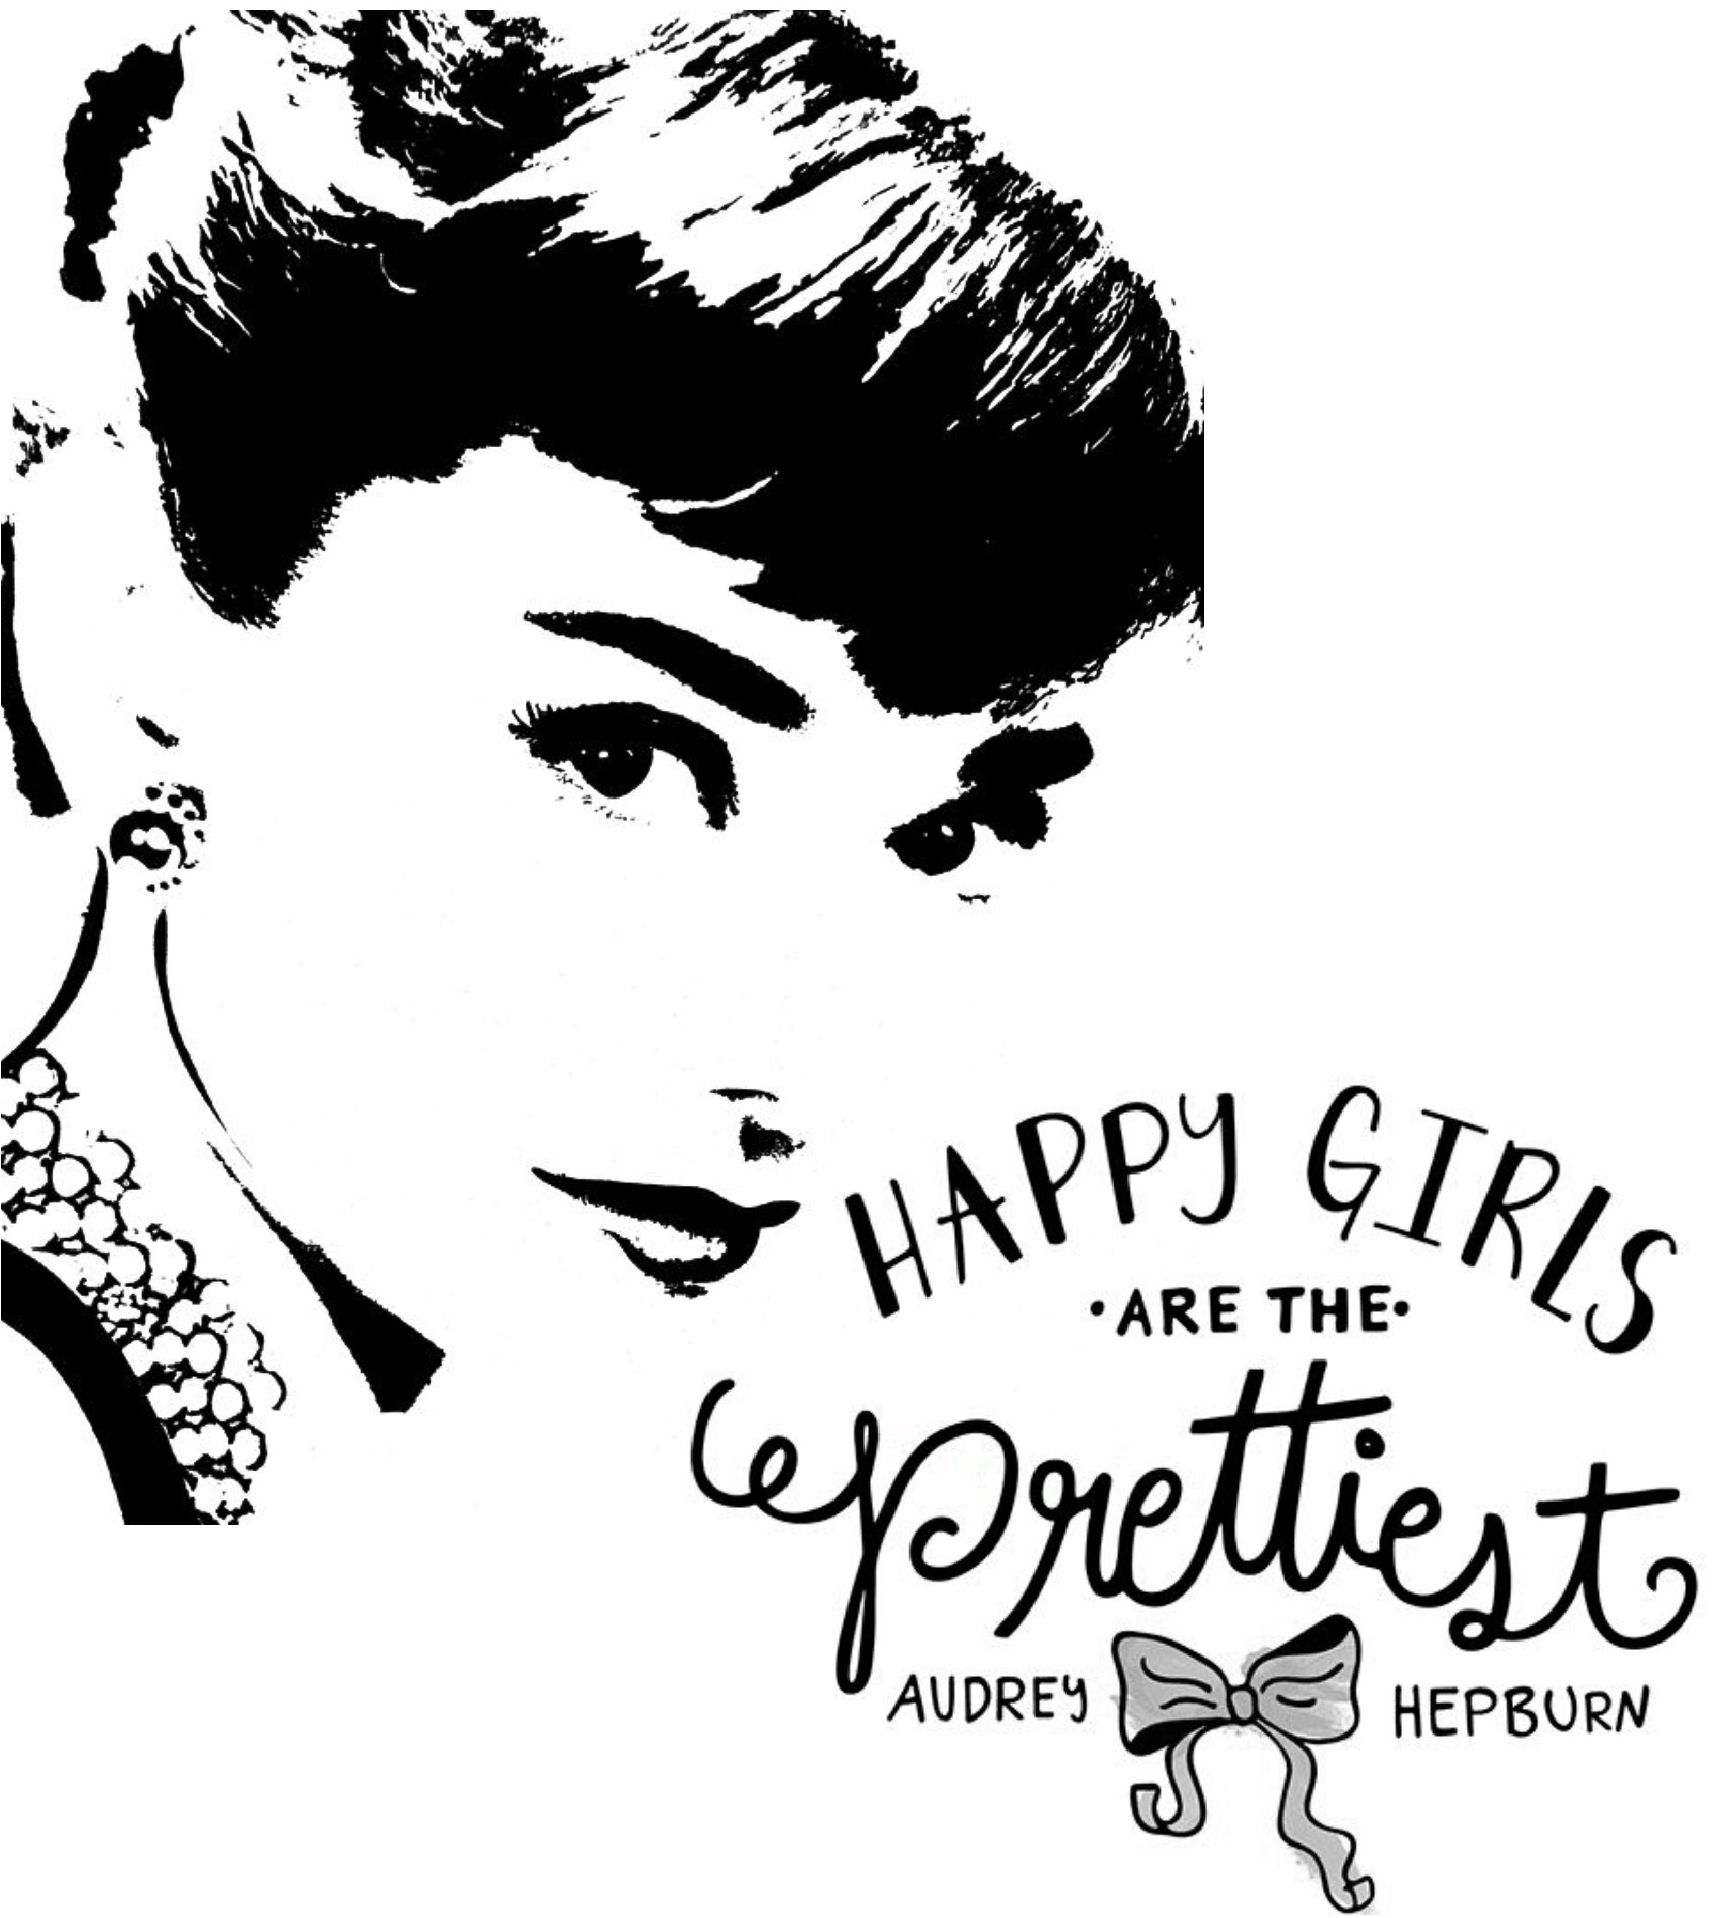 Audrey Hepburn quote silhouette | Qoutes | Pinterest ...